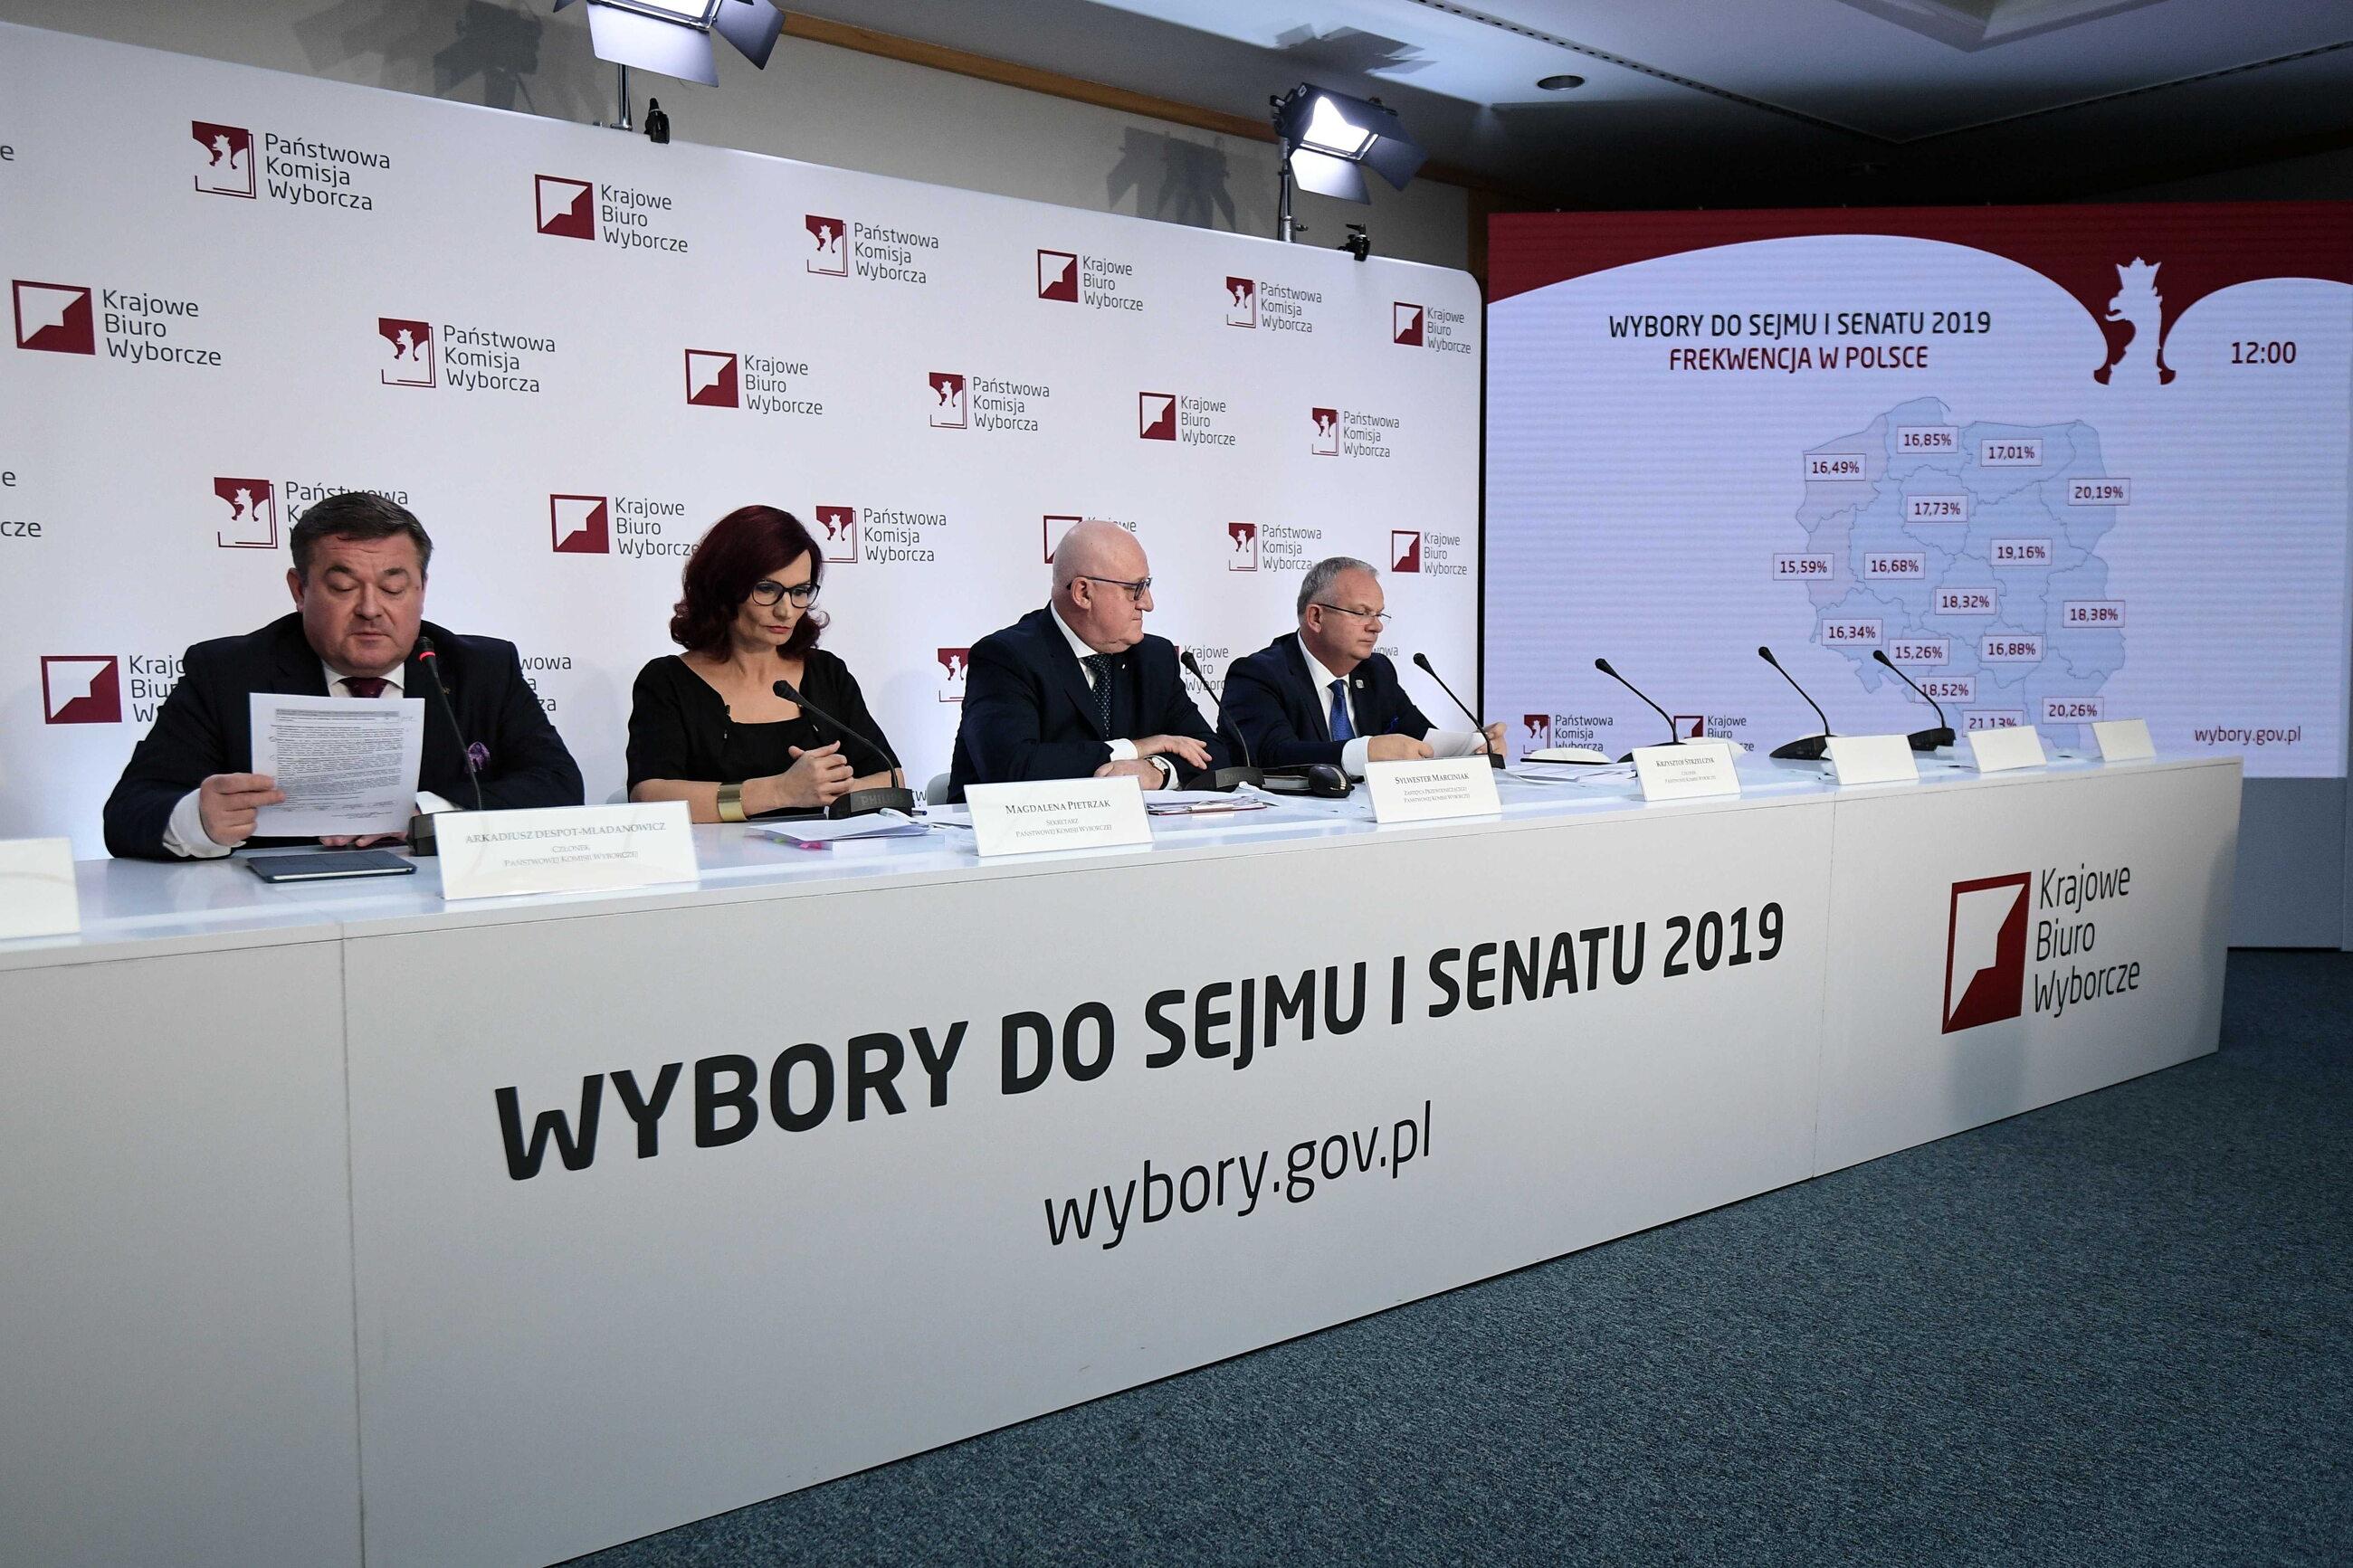 Za stołem, członkowie PKW: sekretarz Krajowego Biura Wyborczego Magdalena Pietrzak (2L), sędzia NSA Arkadiusz Despot-Mładanowicz (L), sędzia NSA Sylwester Marciniak (2P) i Krzysztof Strzelczyk (P) podczas drugiej konferencji prasowej PKW nt. frekwencji i